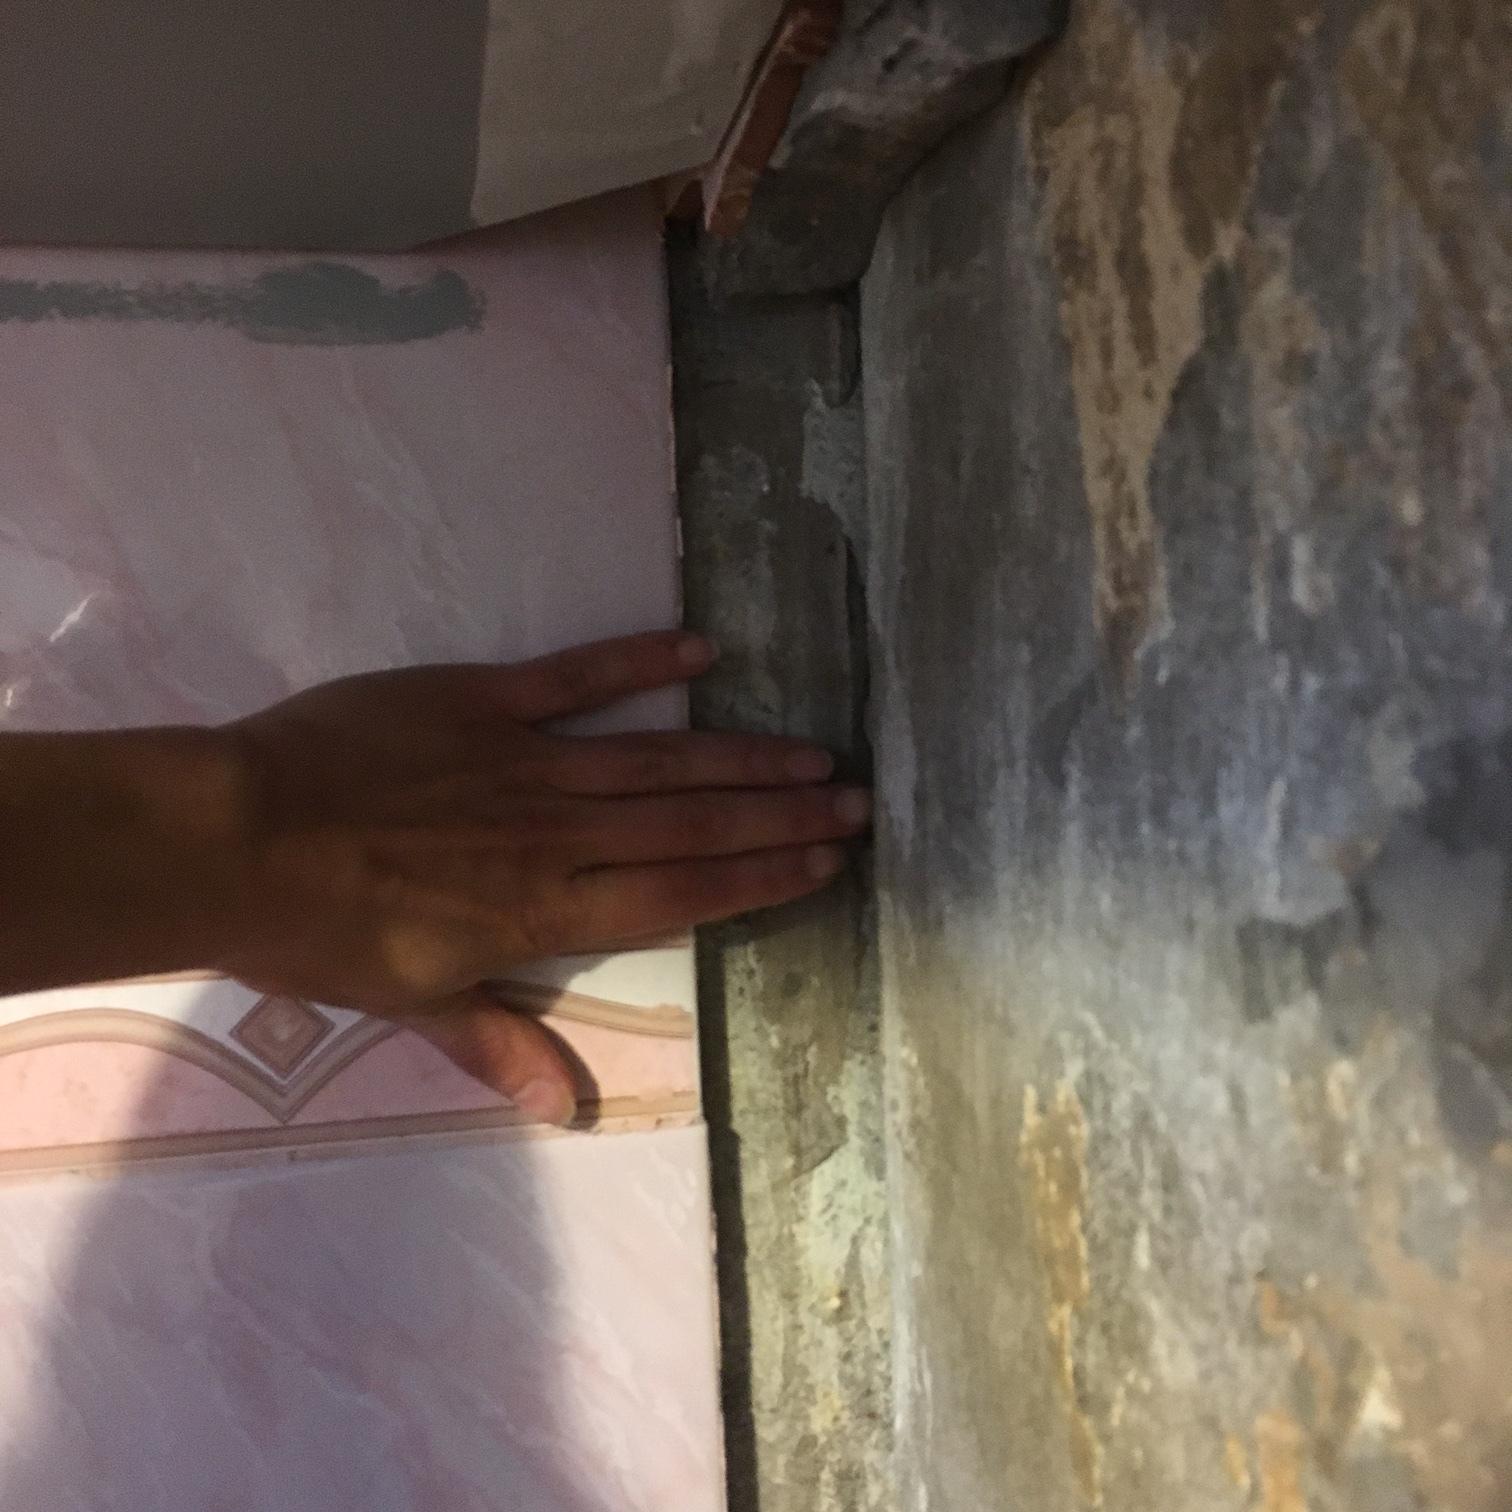 Вот такой был перекос стен. Сверху видно кусок кафеля и толстый слой клея под ним